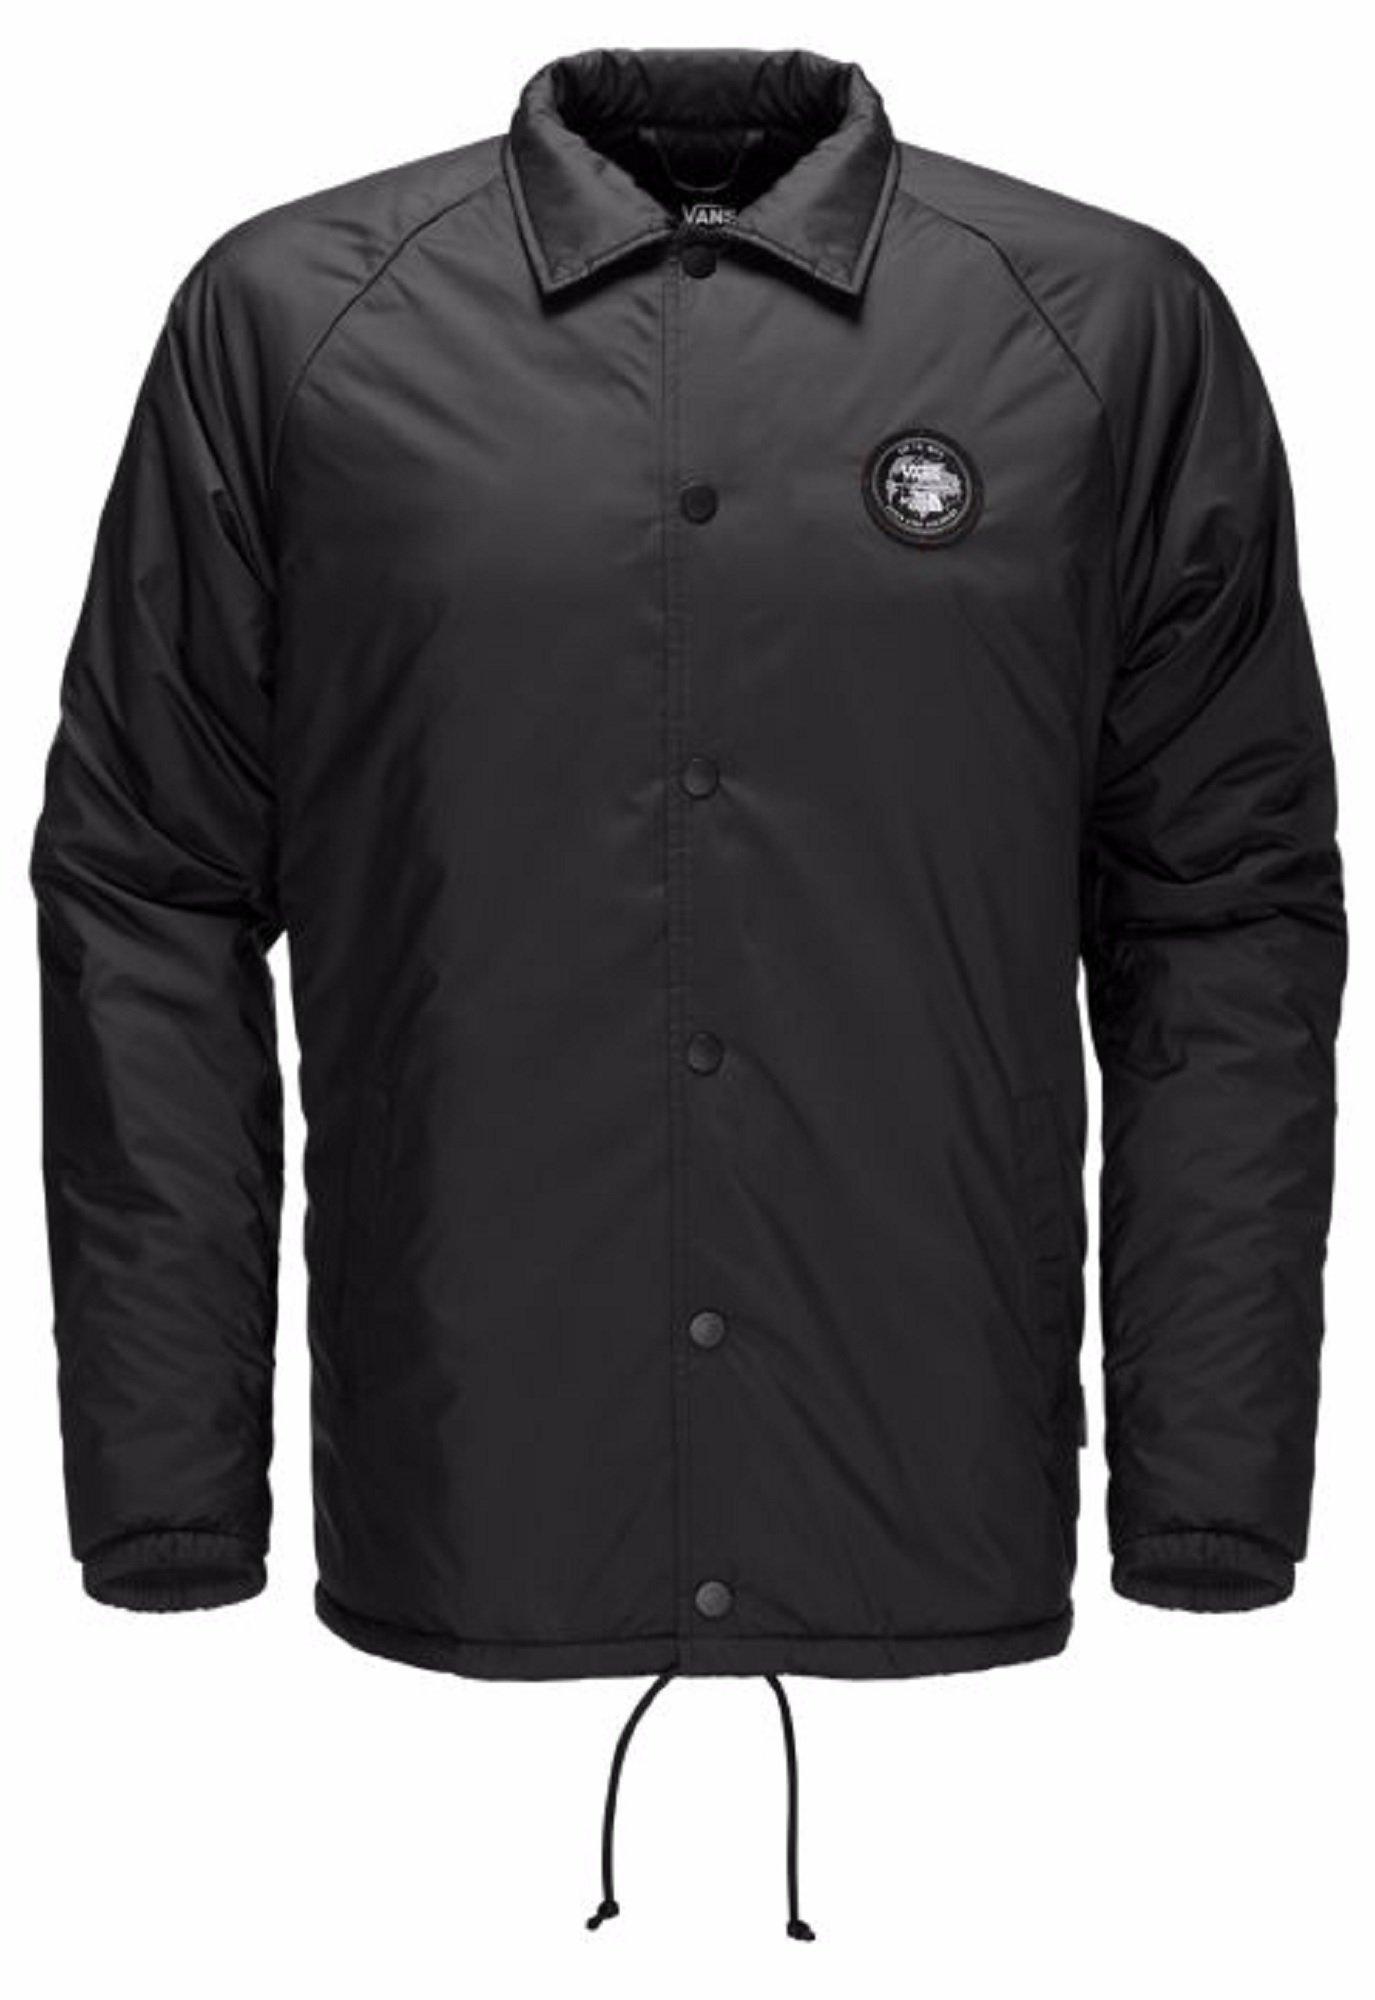 Vans X North Face Men's Coat (Black/Black, X-Large) by Vans